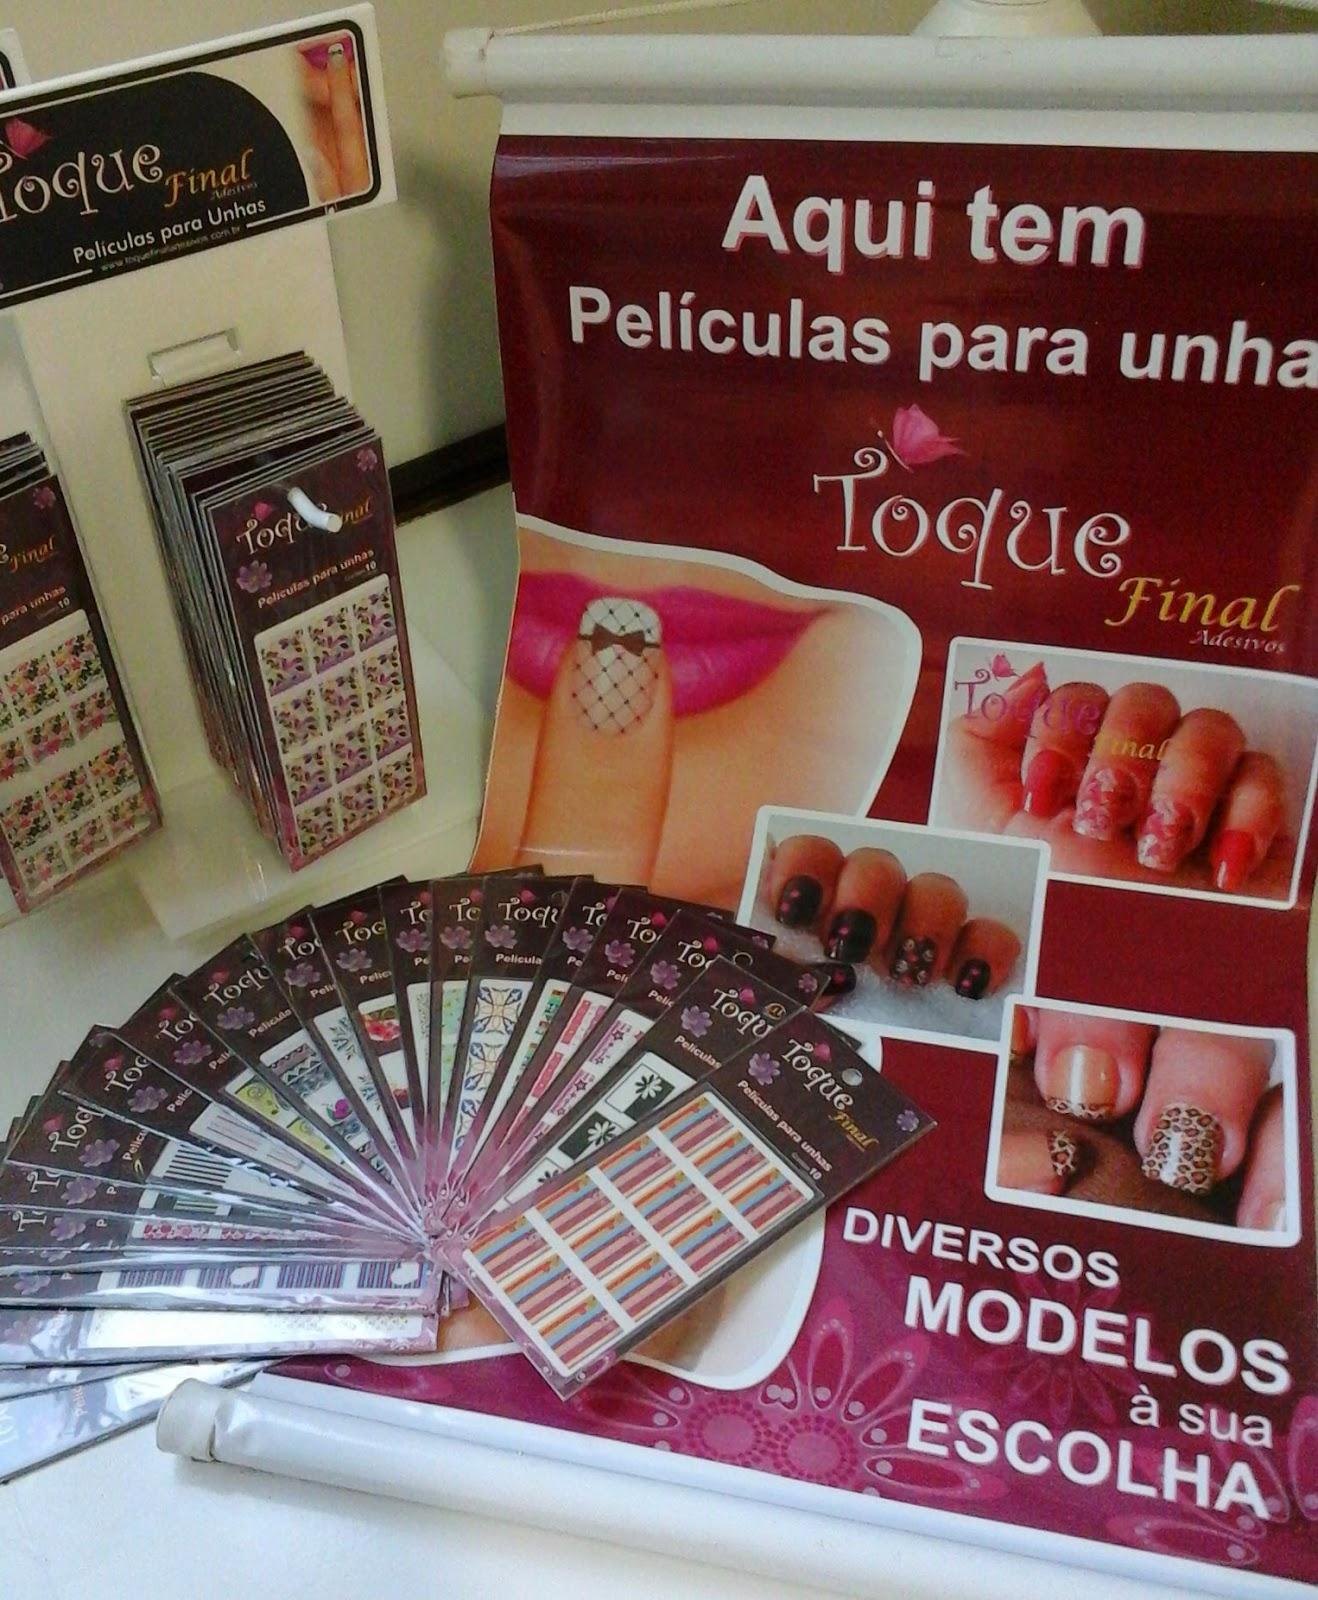 http://www.toquefinaladesivos.com.br/#!kit-pronto/c1v0d